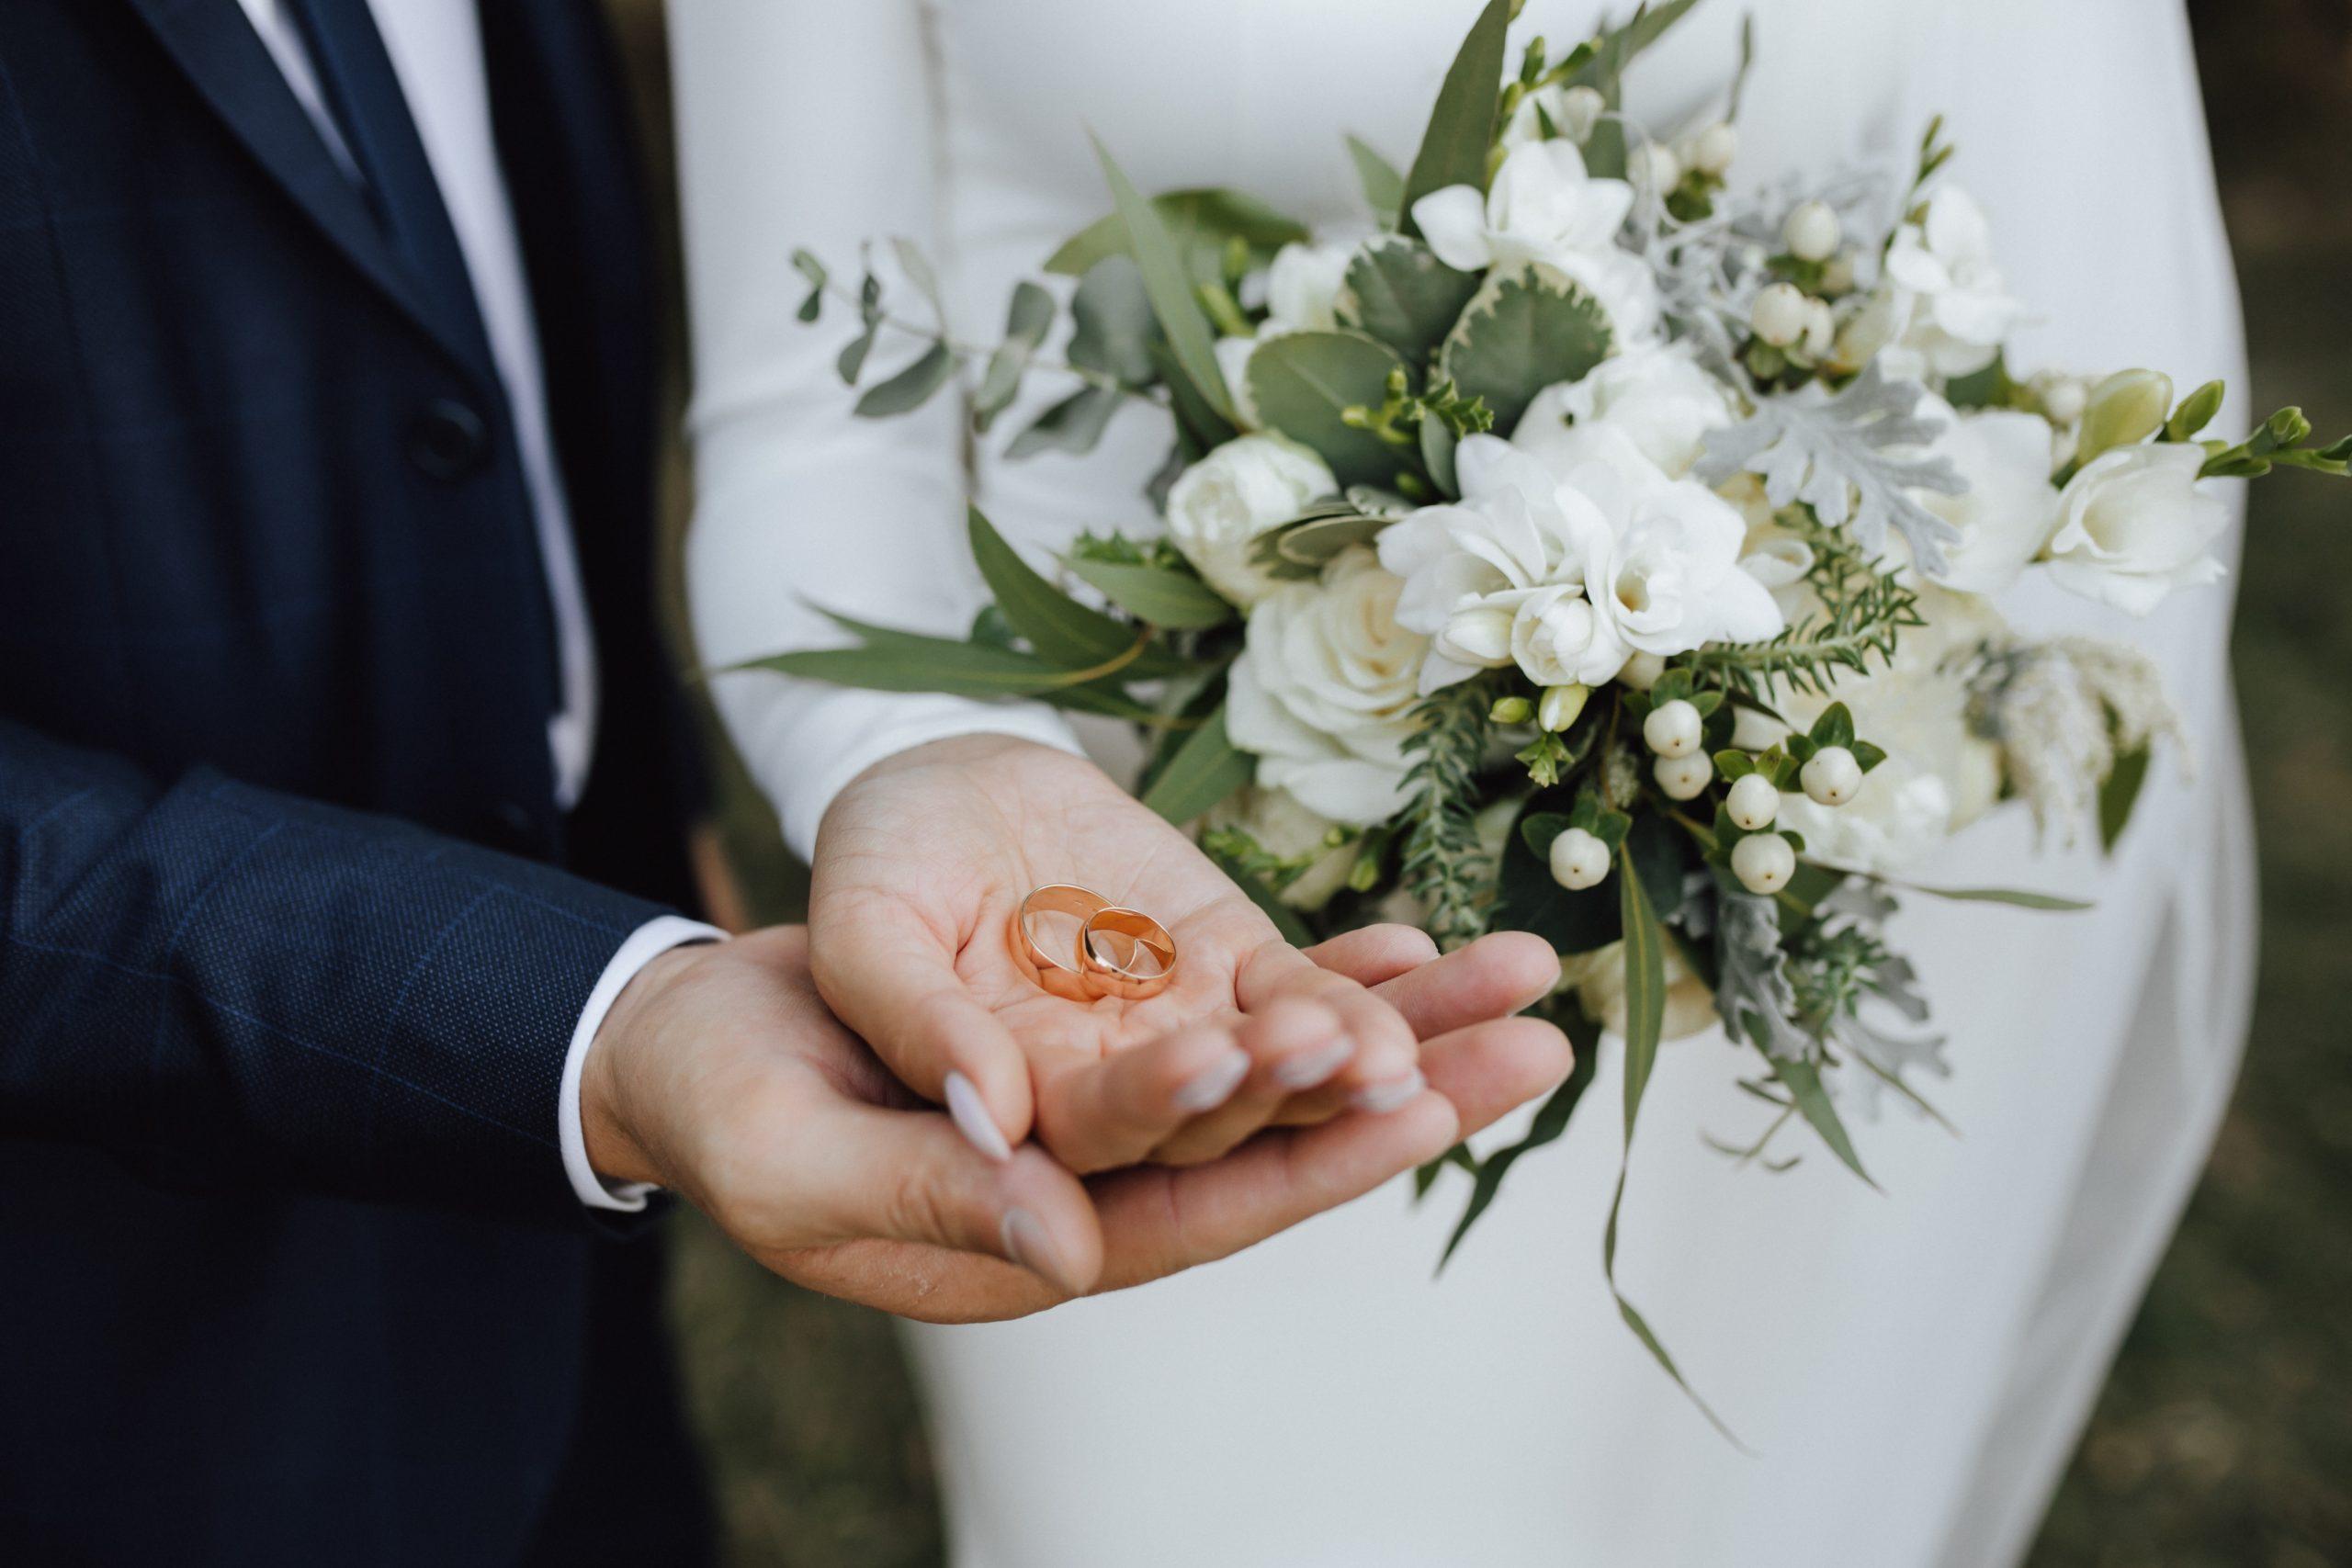 Borrow cash - Dream Wedding